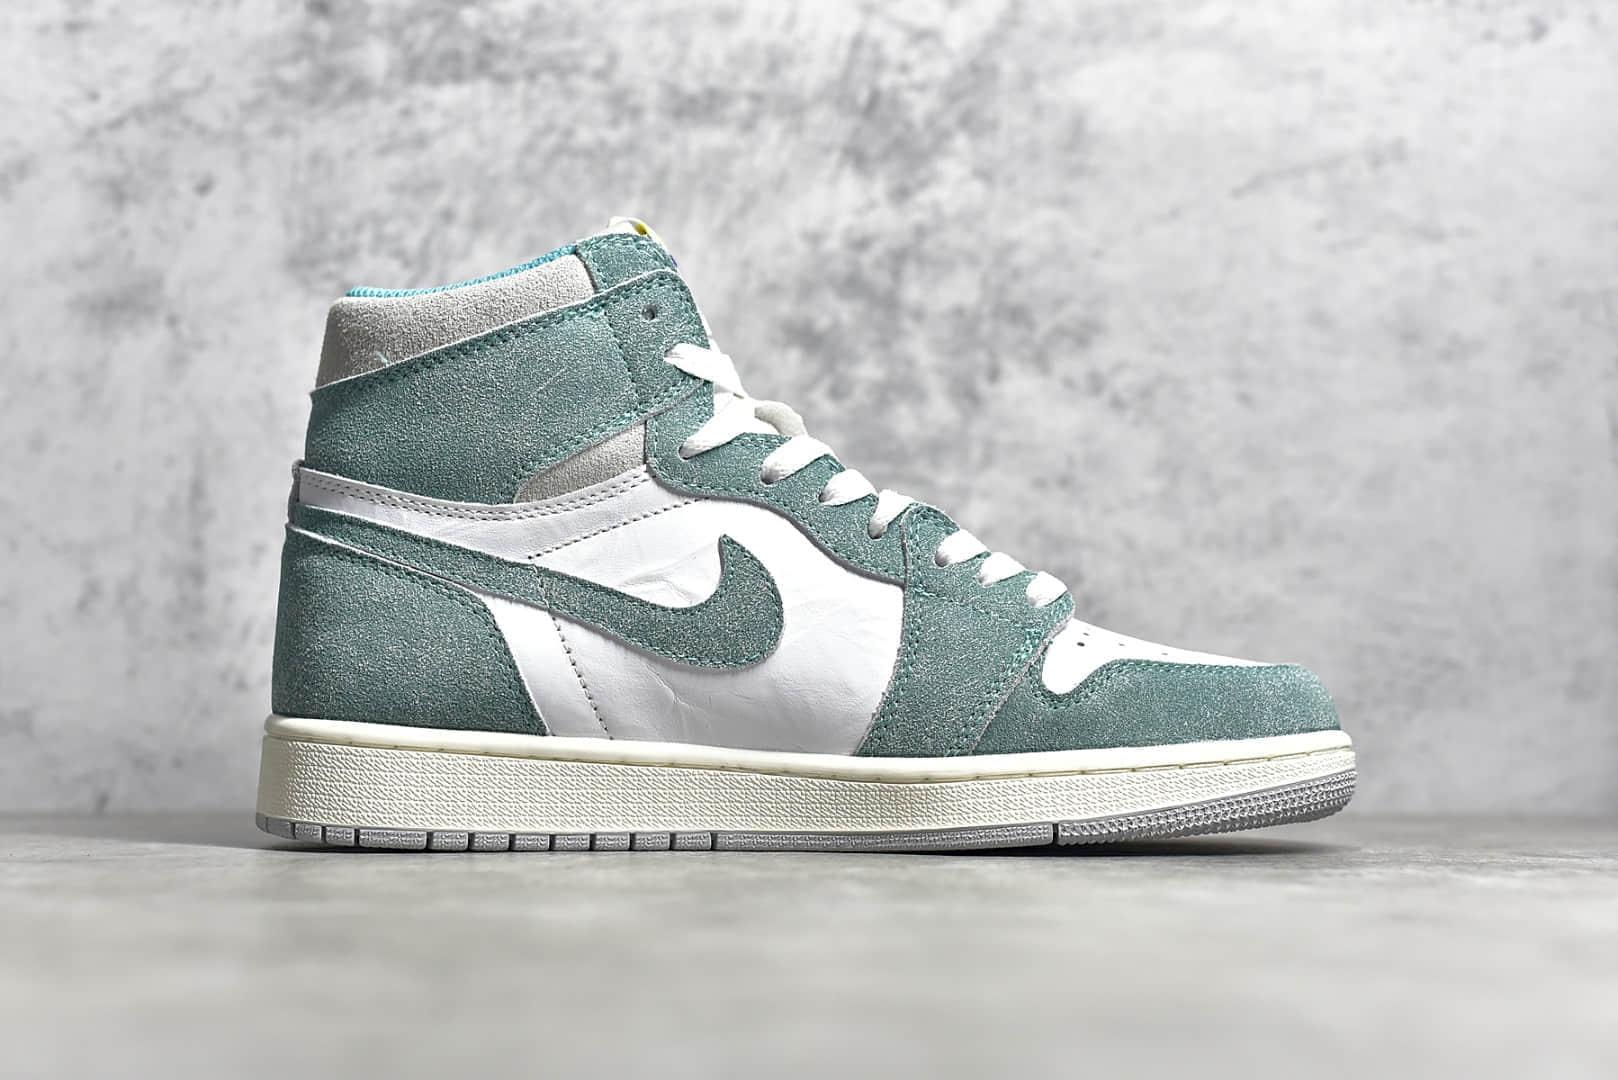 """AJ1白绿蒂芙尼高帮 Air Jordan 1 Retro """"Turbo Green"""" 纯原版本AJ1白绿麂皮高帮 货号:555088-311-潮流者之家"""